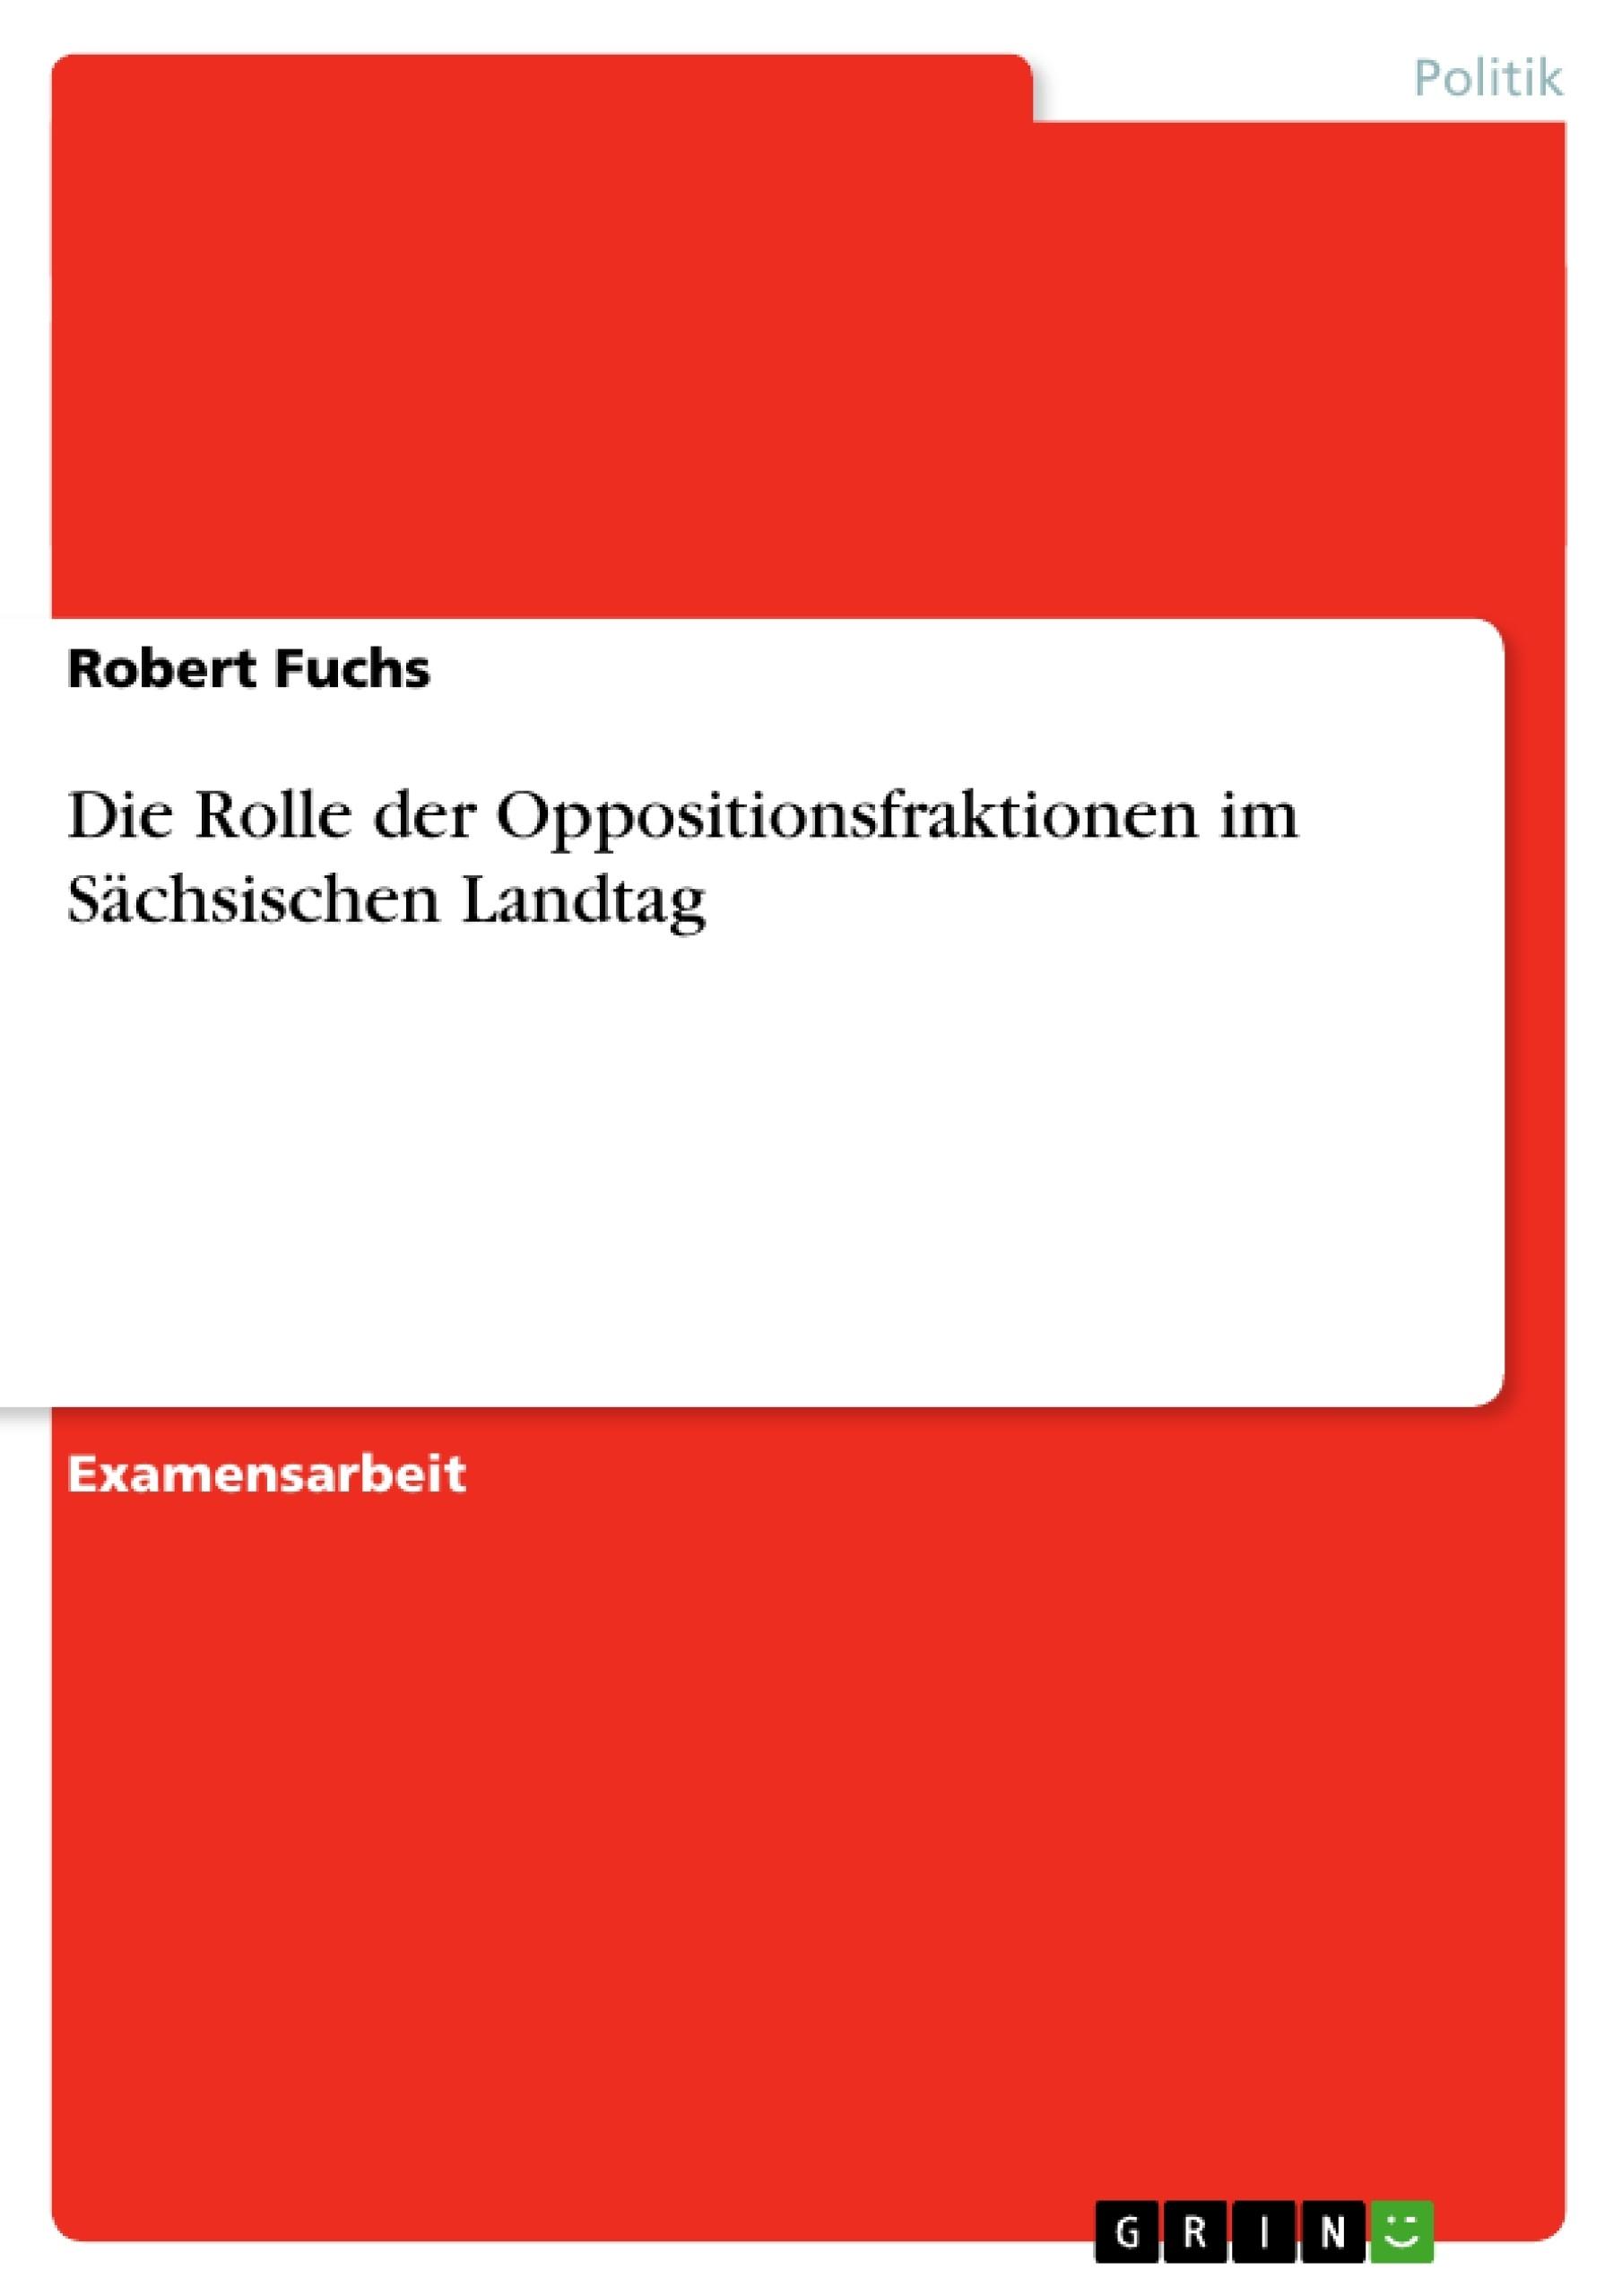 Titel: Die Rolle der Oppositionsfraktionen im Sächsischen Landtag